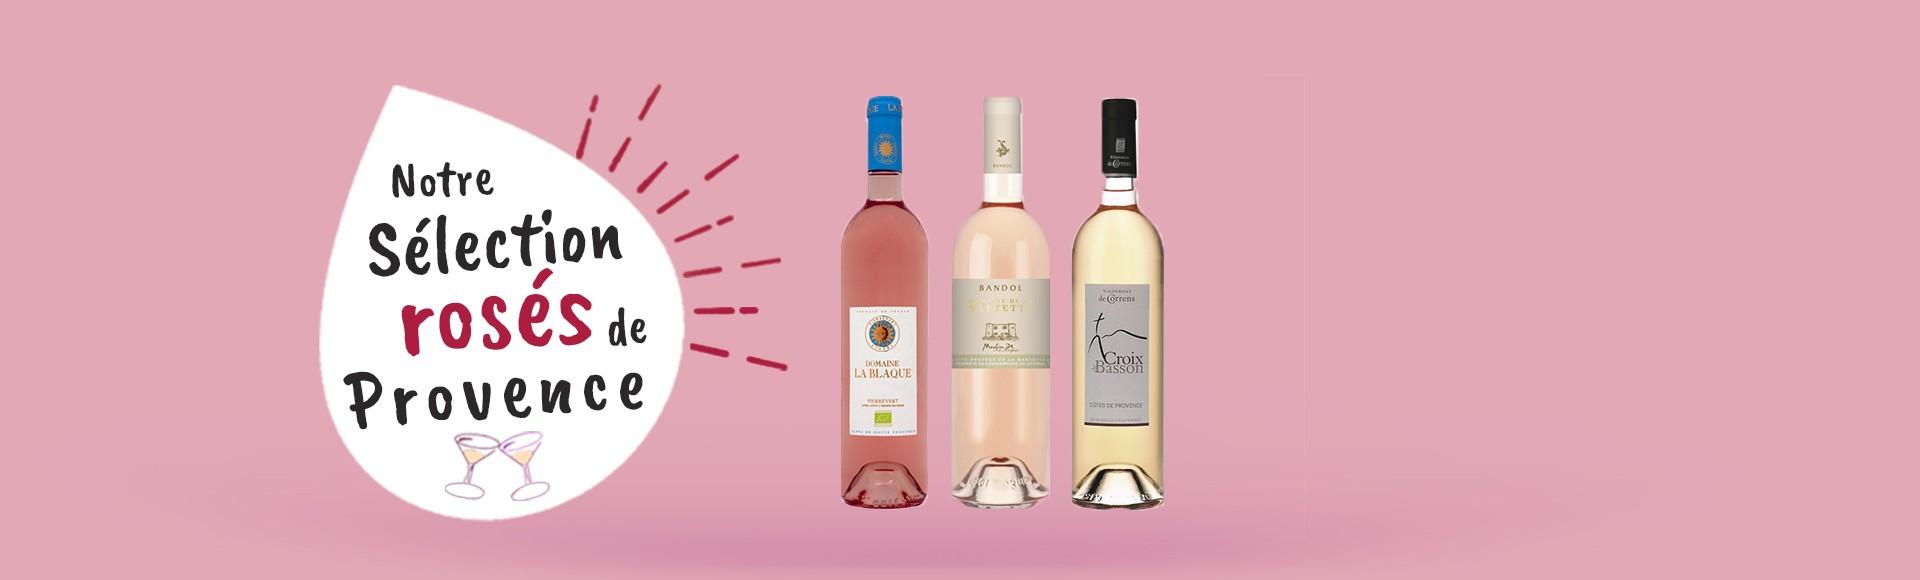 Sélection rosés de Provence